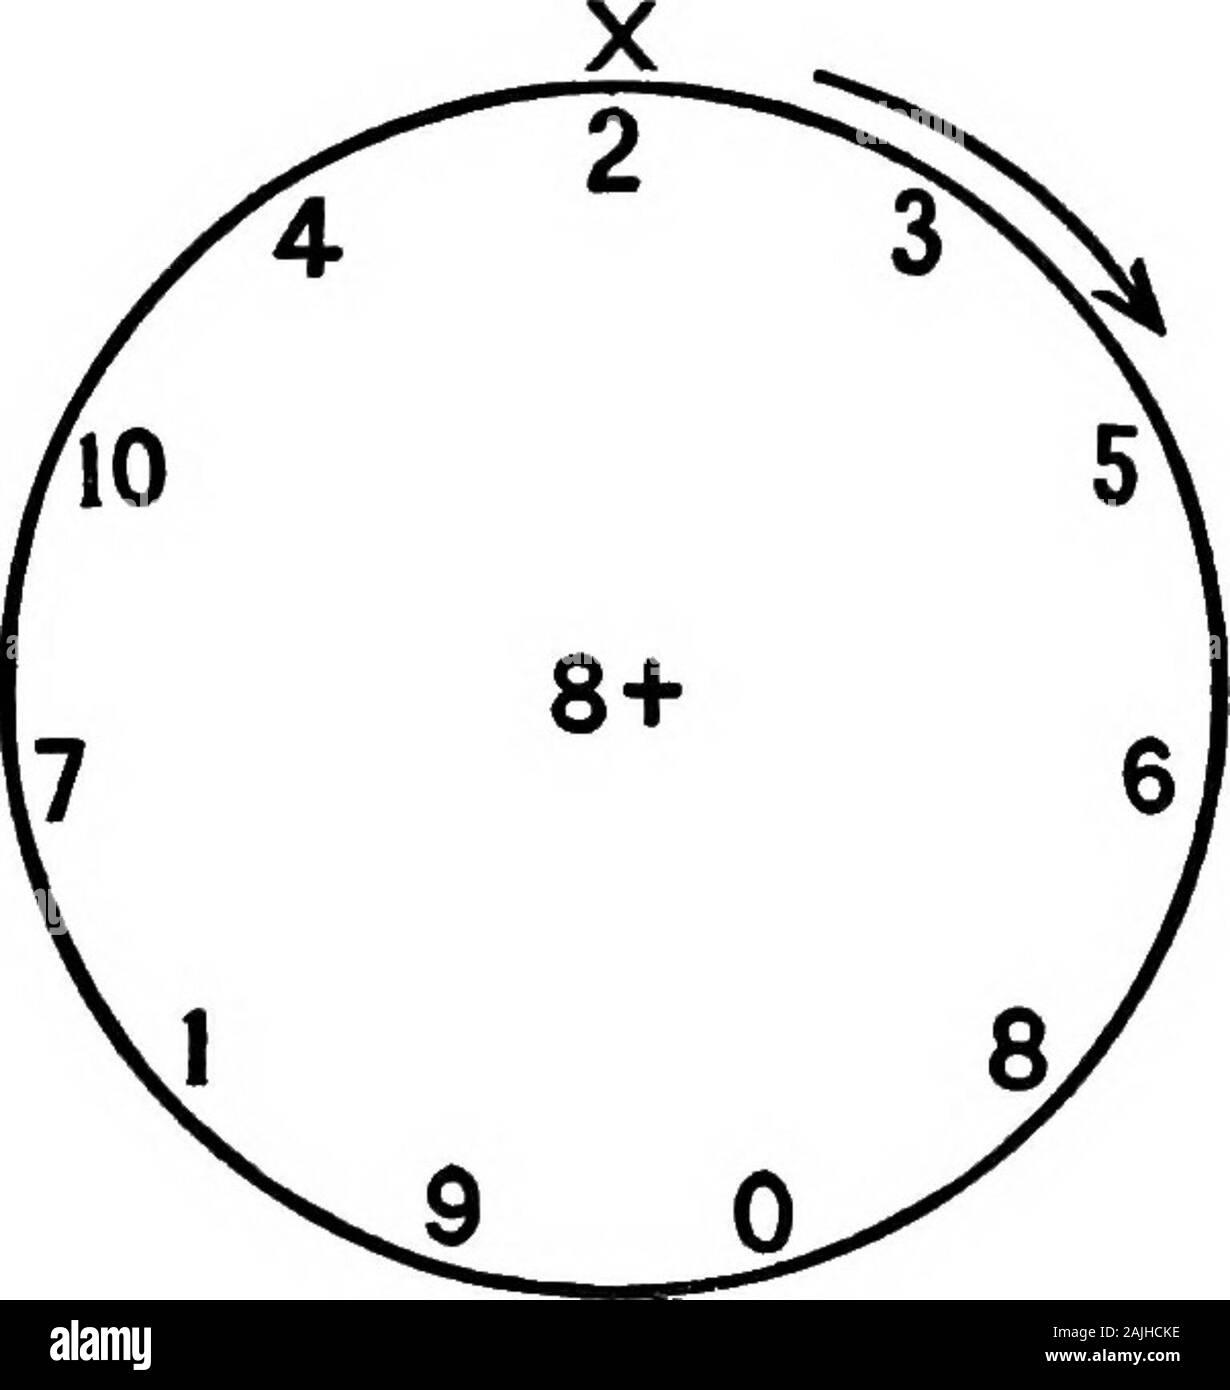 Les plans de travail occupé . lO 27 48 14 54 94 + 8 6x 9 63 16 36 16 37-9 ey 8h- 48 36 24 75 29 109 63 + 97 X 8 12 30 48 86 56 47 74-6 144-^ 1224 21etc. 28 29 98 etc... 86 etc. etc. III. Laissez les enfants faire des listes de nombres. Commencer par «certaine nombre et ajouter le même nombre chaque fois;définir les résultats à environ 100. Ainsi, commencer par ajouter deux zeroand chaque fois; commencez avec deux threeeach et ajouter du temps. o 2 2 5 4 8 6 2 IV. Écrire au tableau un certain nombre, comme 30, avec une ligne ofnumbers sous elle, ainsi; - 2-9-6-4-5-1-4-3-7-8-- Childrenadd 2, 9, etc., à 30, puis soustrayez 2, 9, etc., à partir de 30. C. La roue est un helpfu Banque D'Images